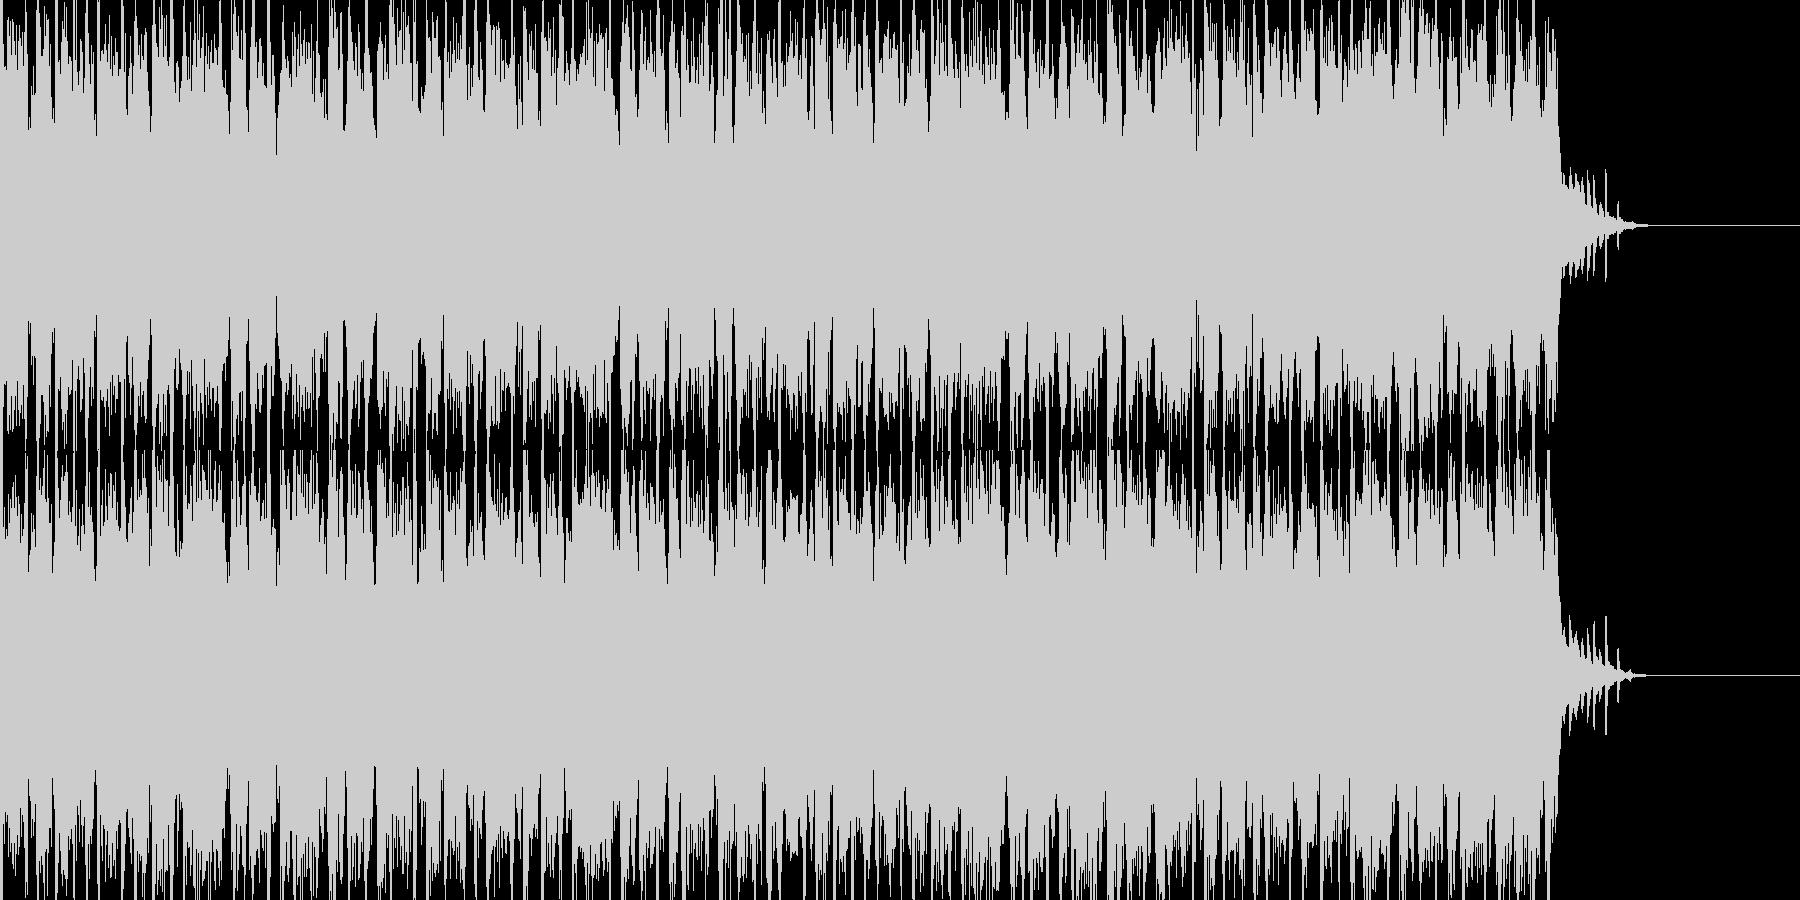 明るい民族風BGMの未再生の波形